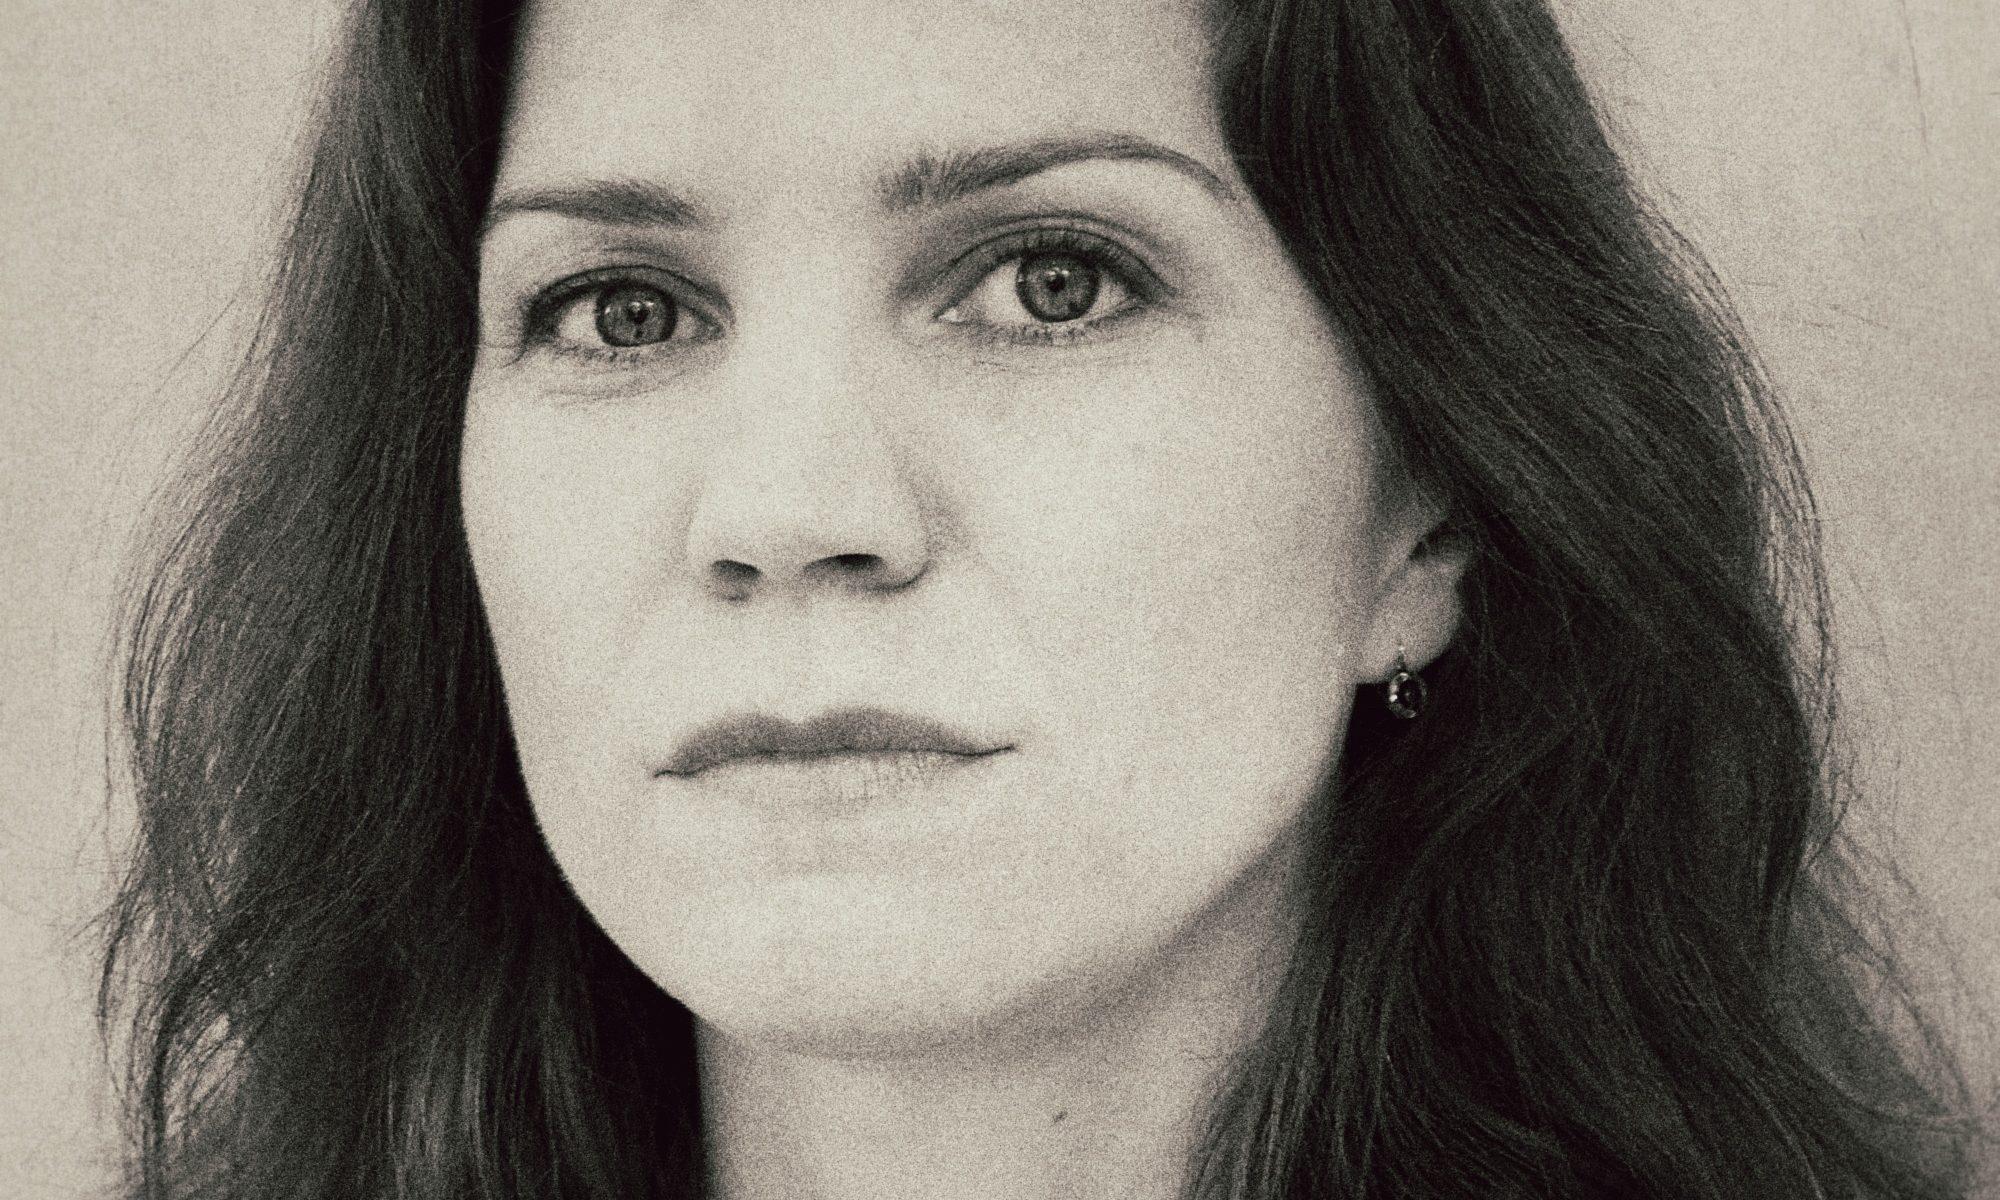 Annette Gleixner